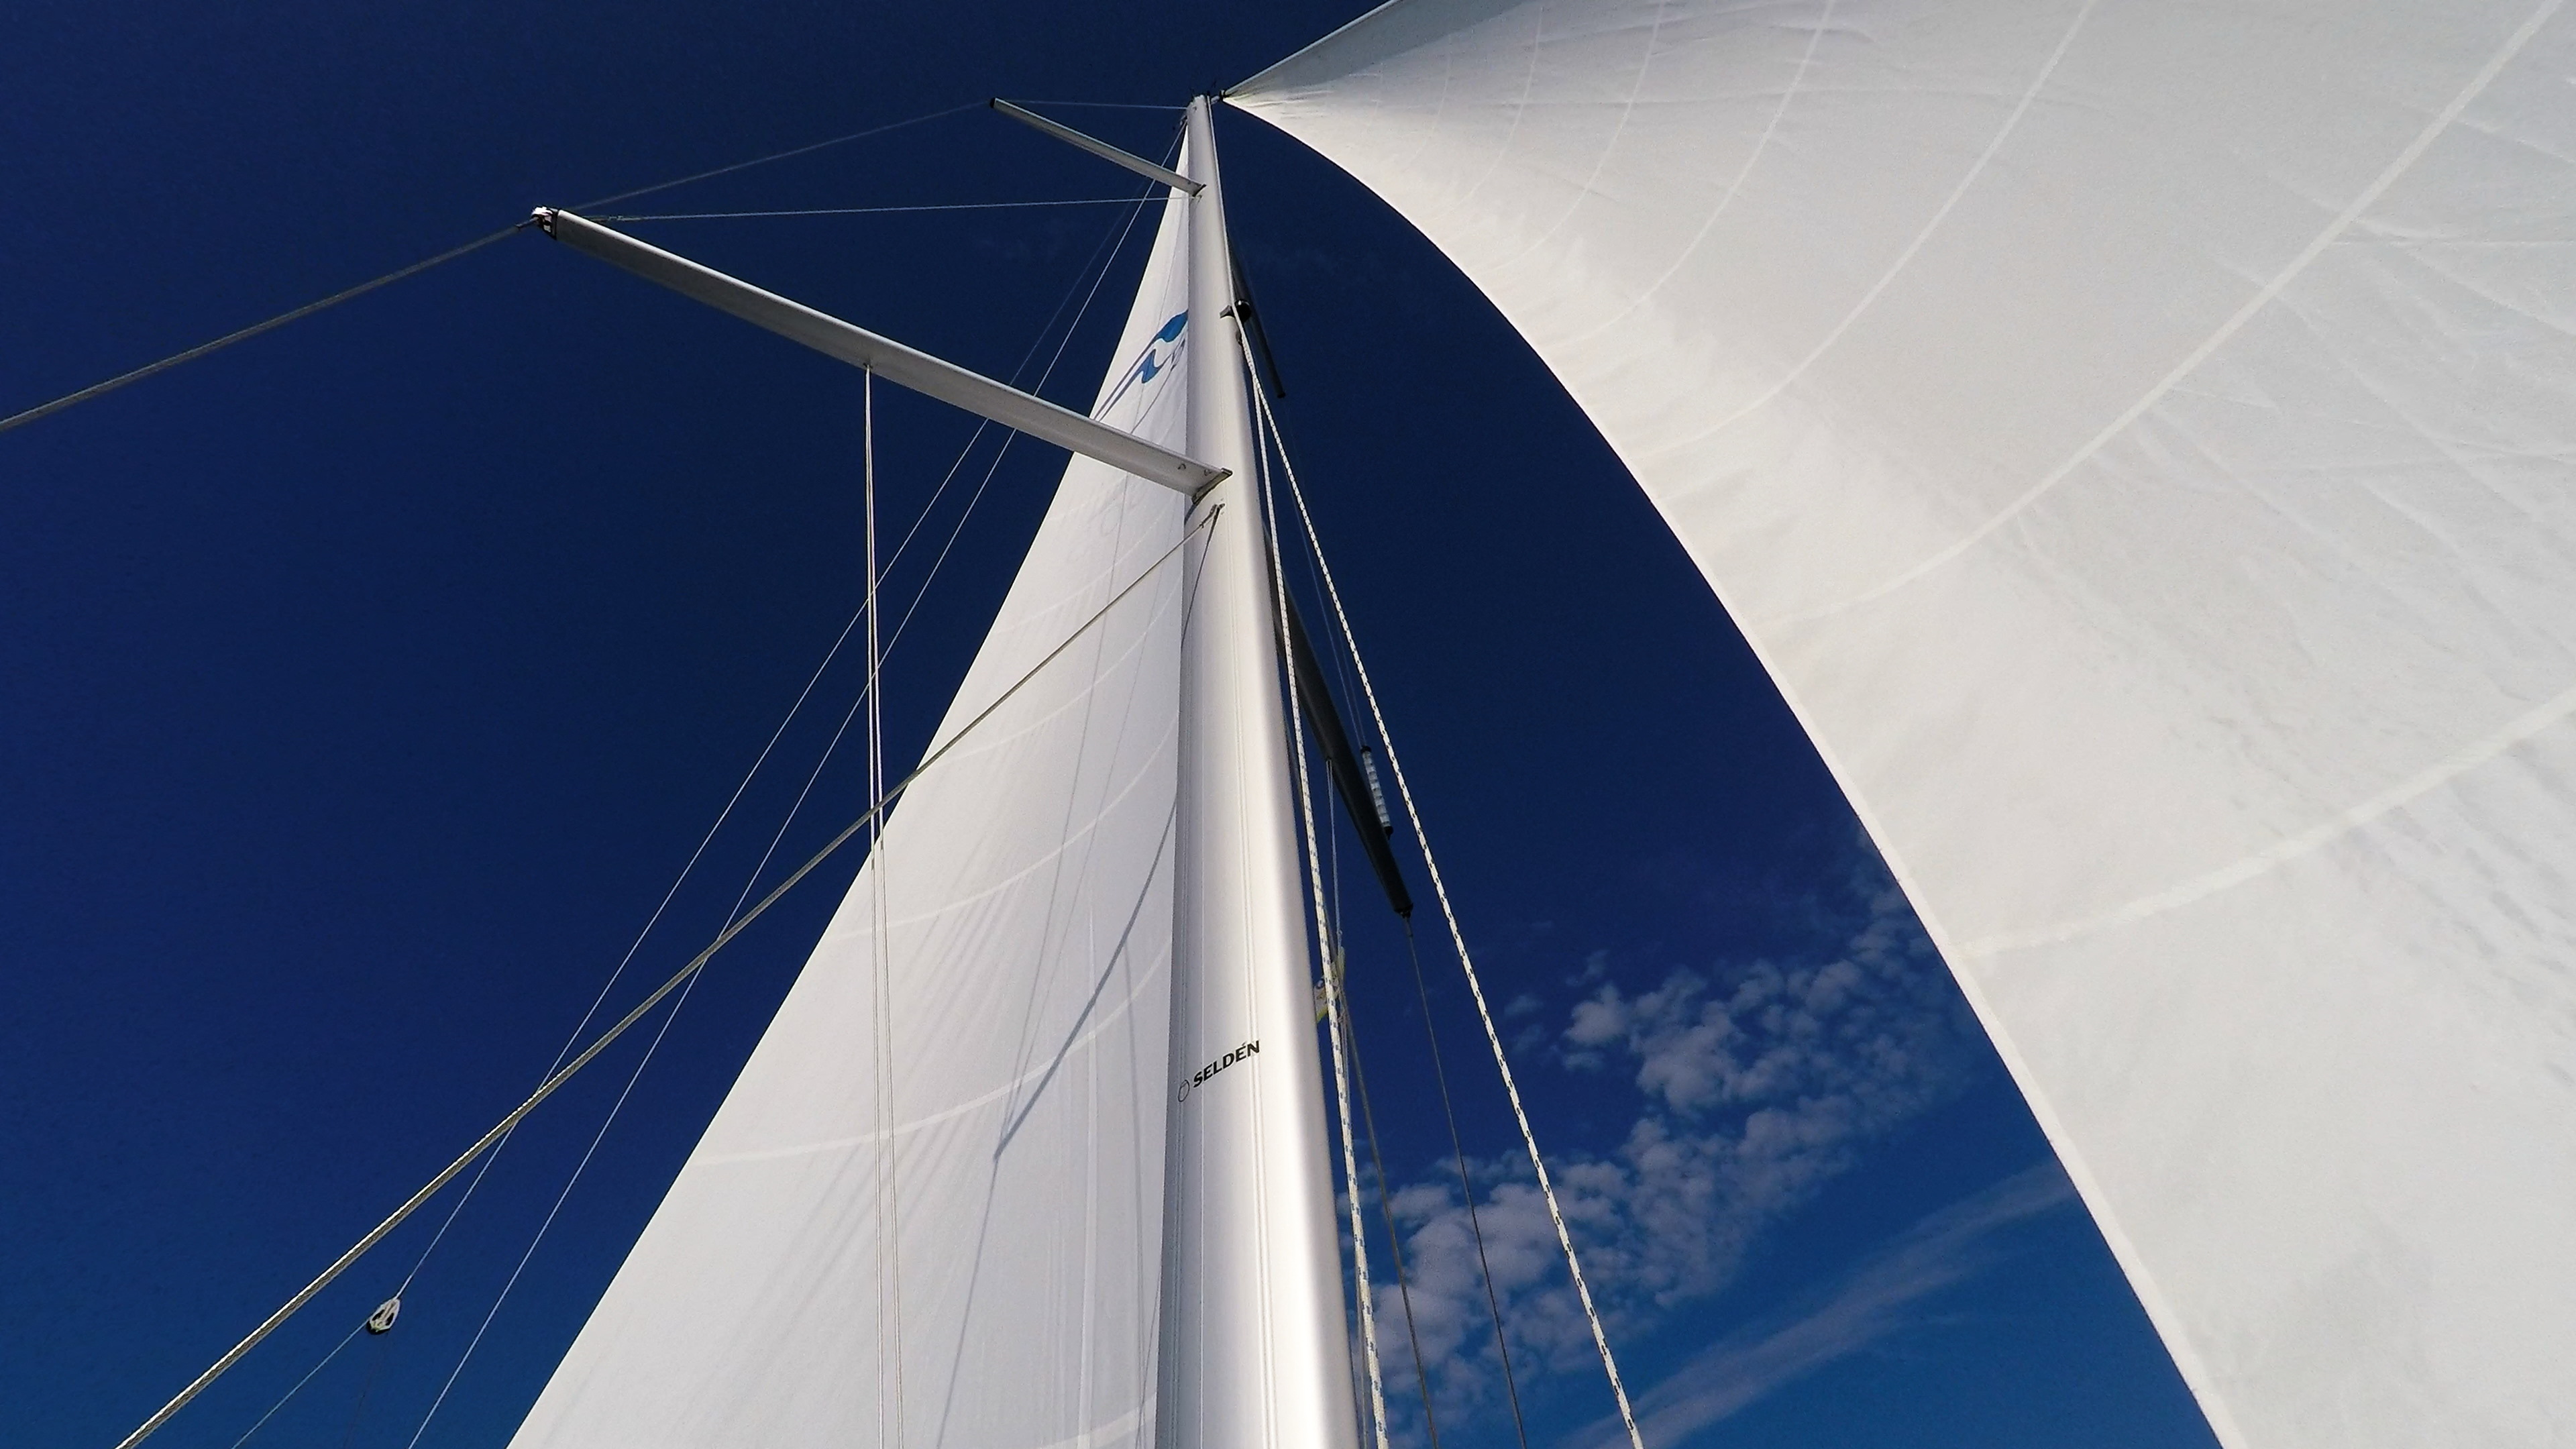 Segelyacht blauer Himmel weiße Segel Mast Takelwerk Genua Großsegel Segelboot Segeln